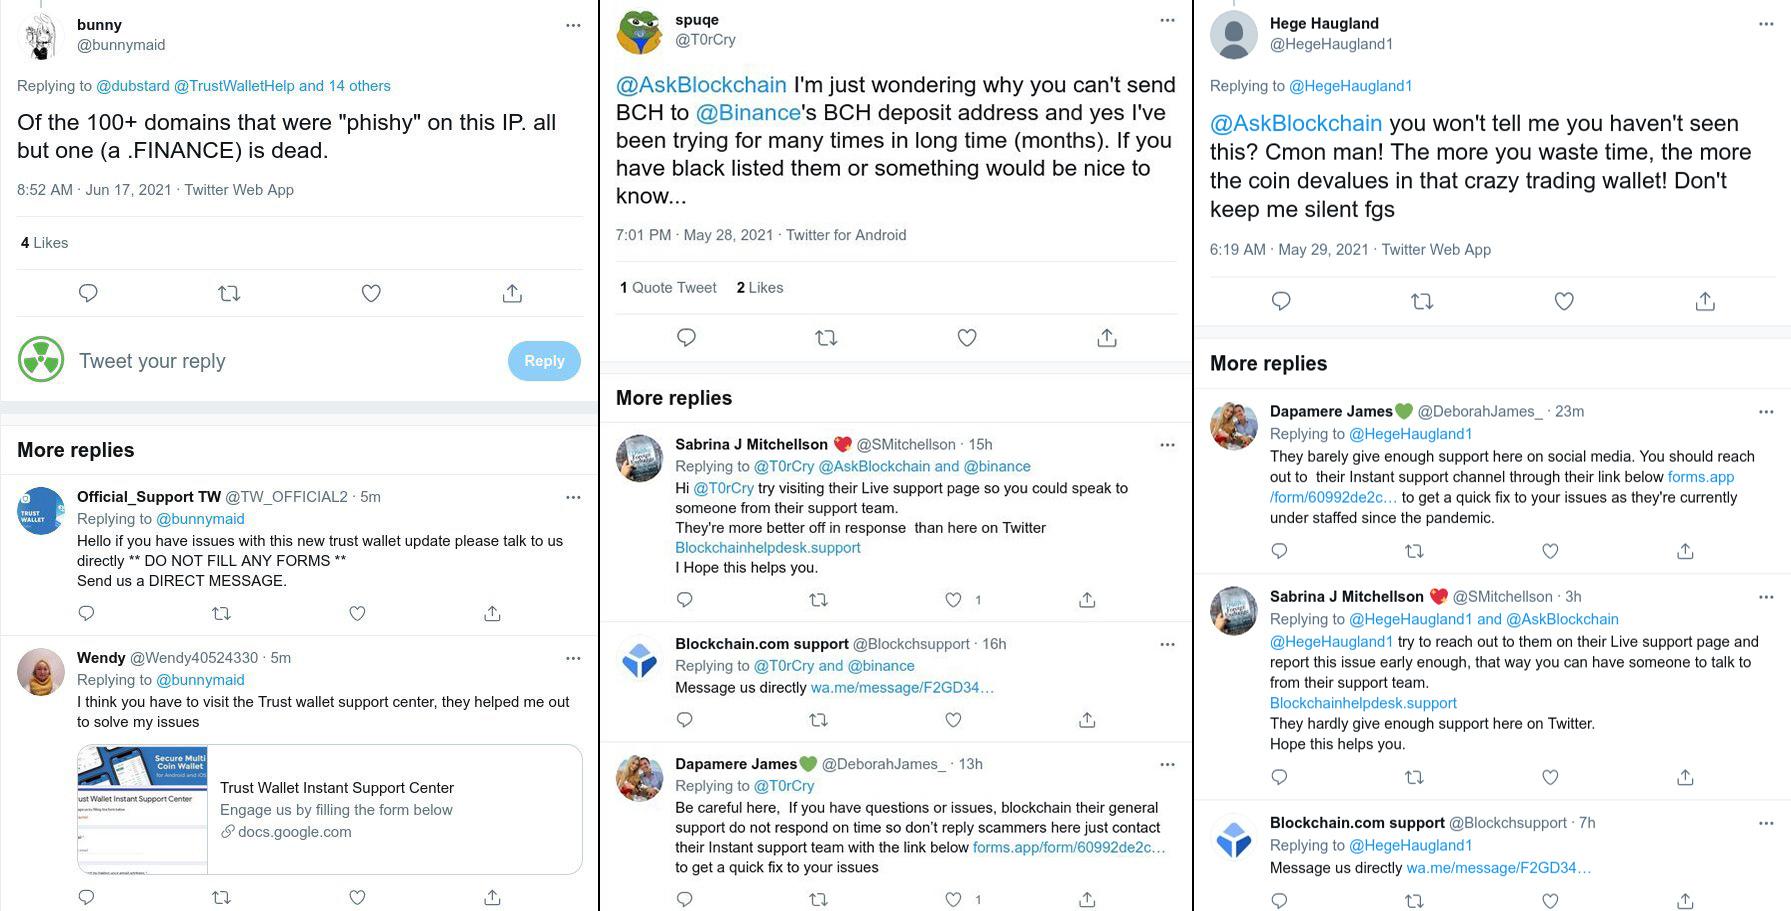 Des escrocs essayent de se faire passer pour des comptes de Blockchain et de Trustwallet sur Twitter afin d'inciter les utilisateurs à leur envoyer un message privé ou bien ils prétendent vouloir aider en postant de (faux) liens vers les sites de support technique. Capture d'écran réalisée par @Malwarehunterteam]